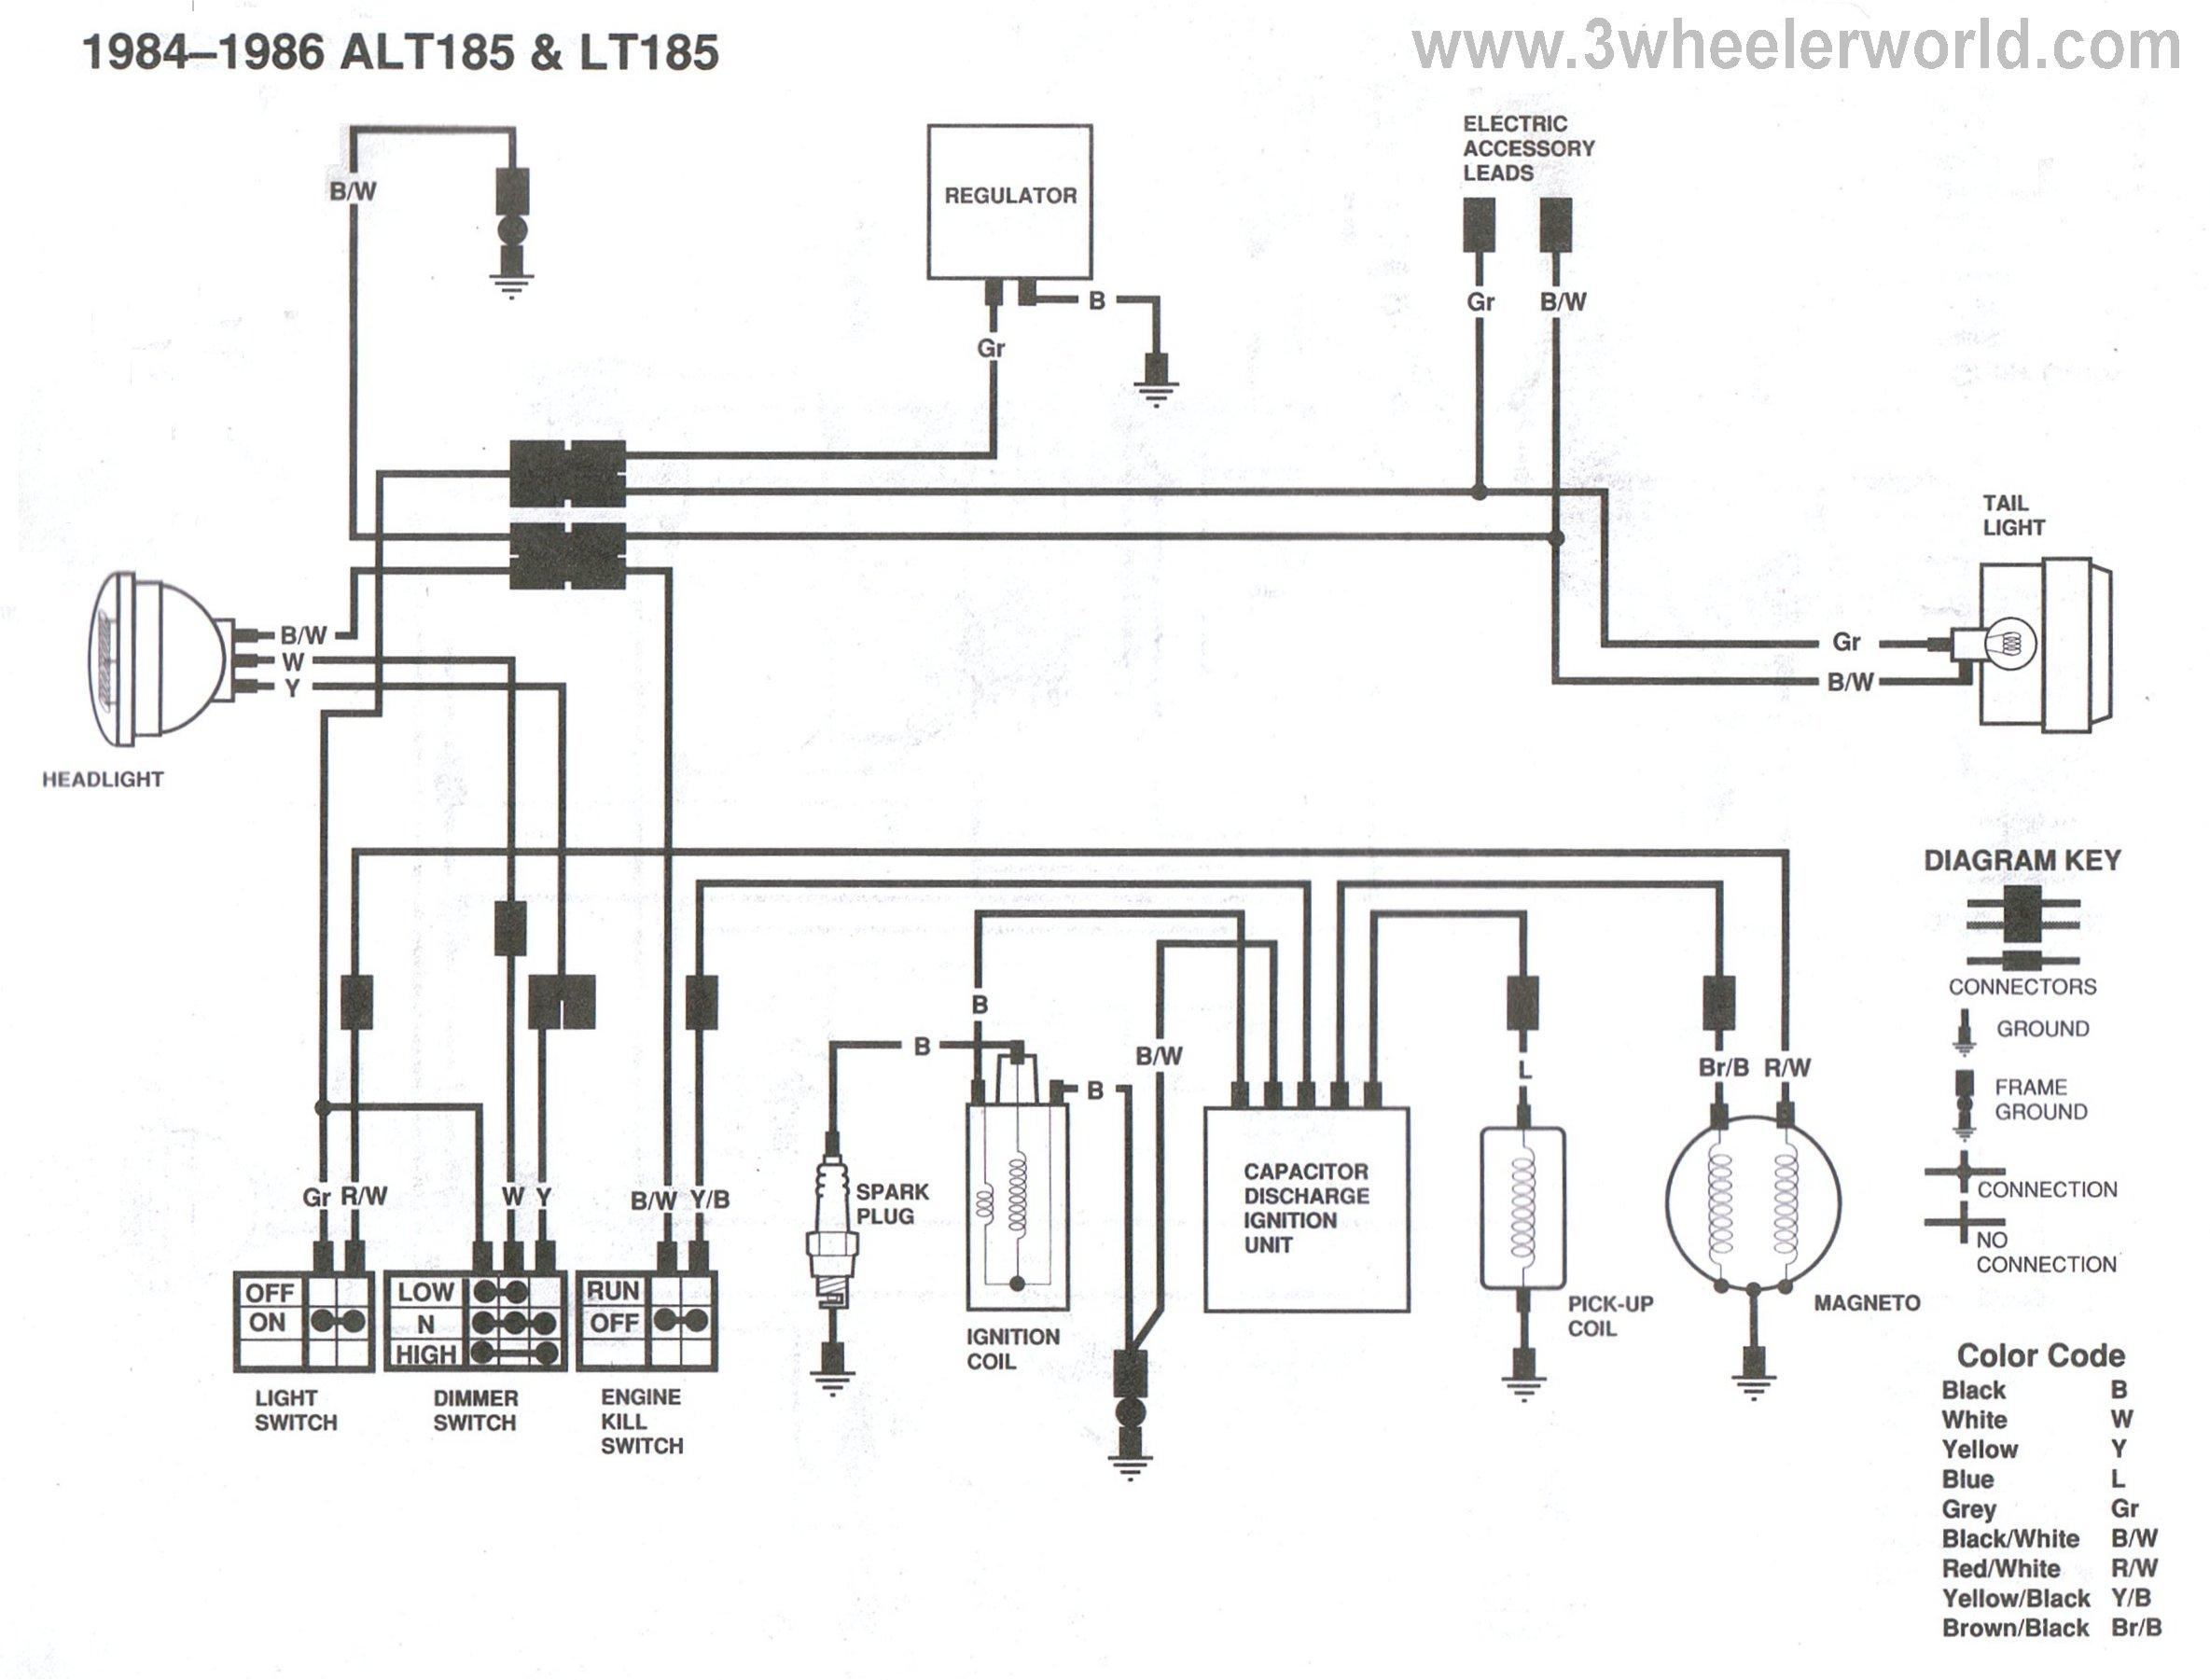 07 Suzuki Eiger Wiring Diagram. Suzuki Lt80 Wiring-diagram ... on